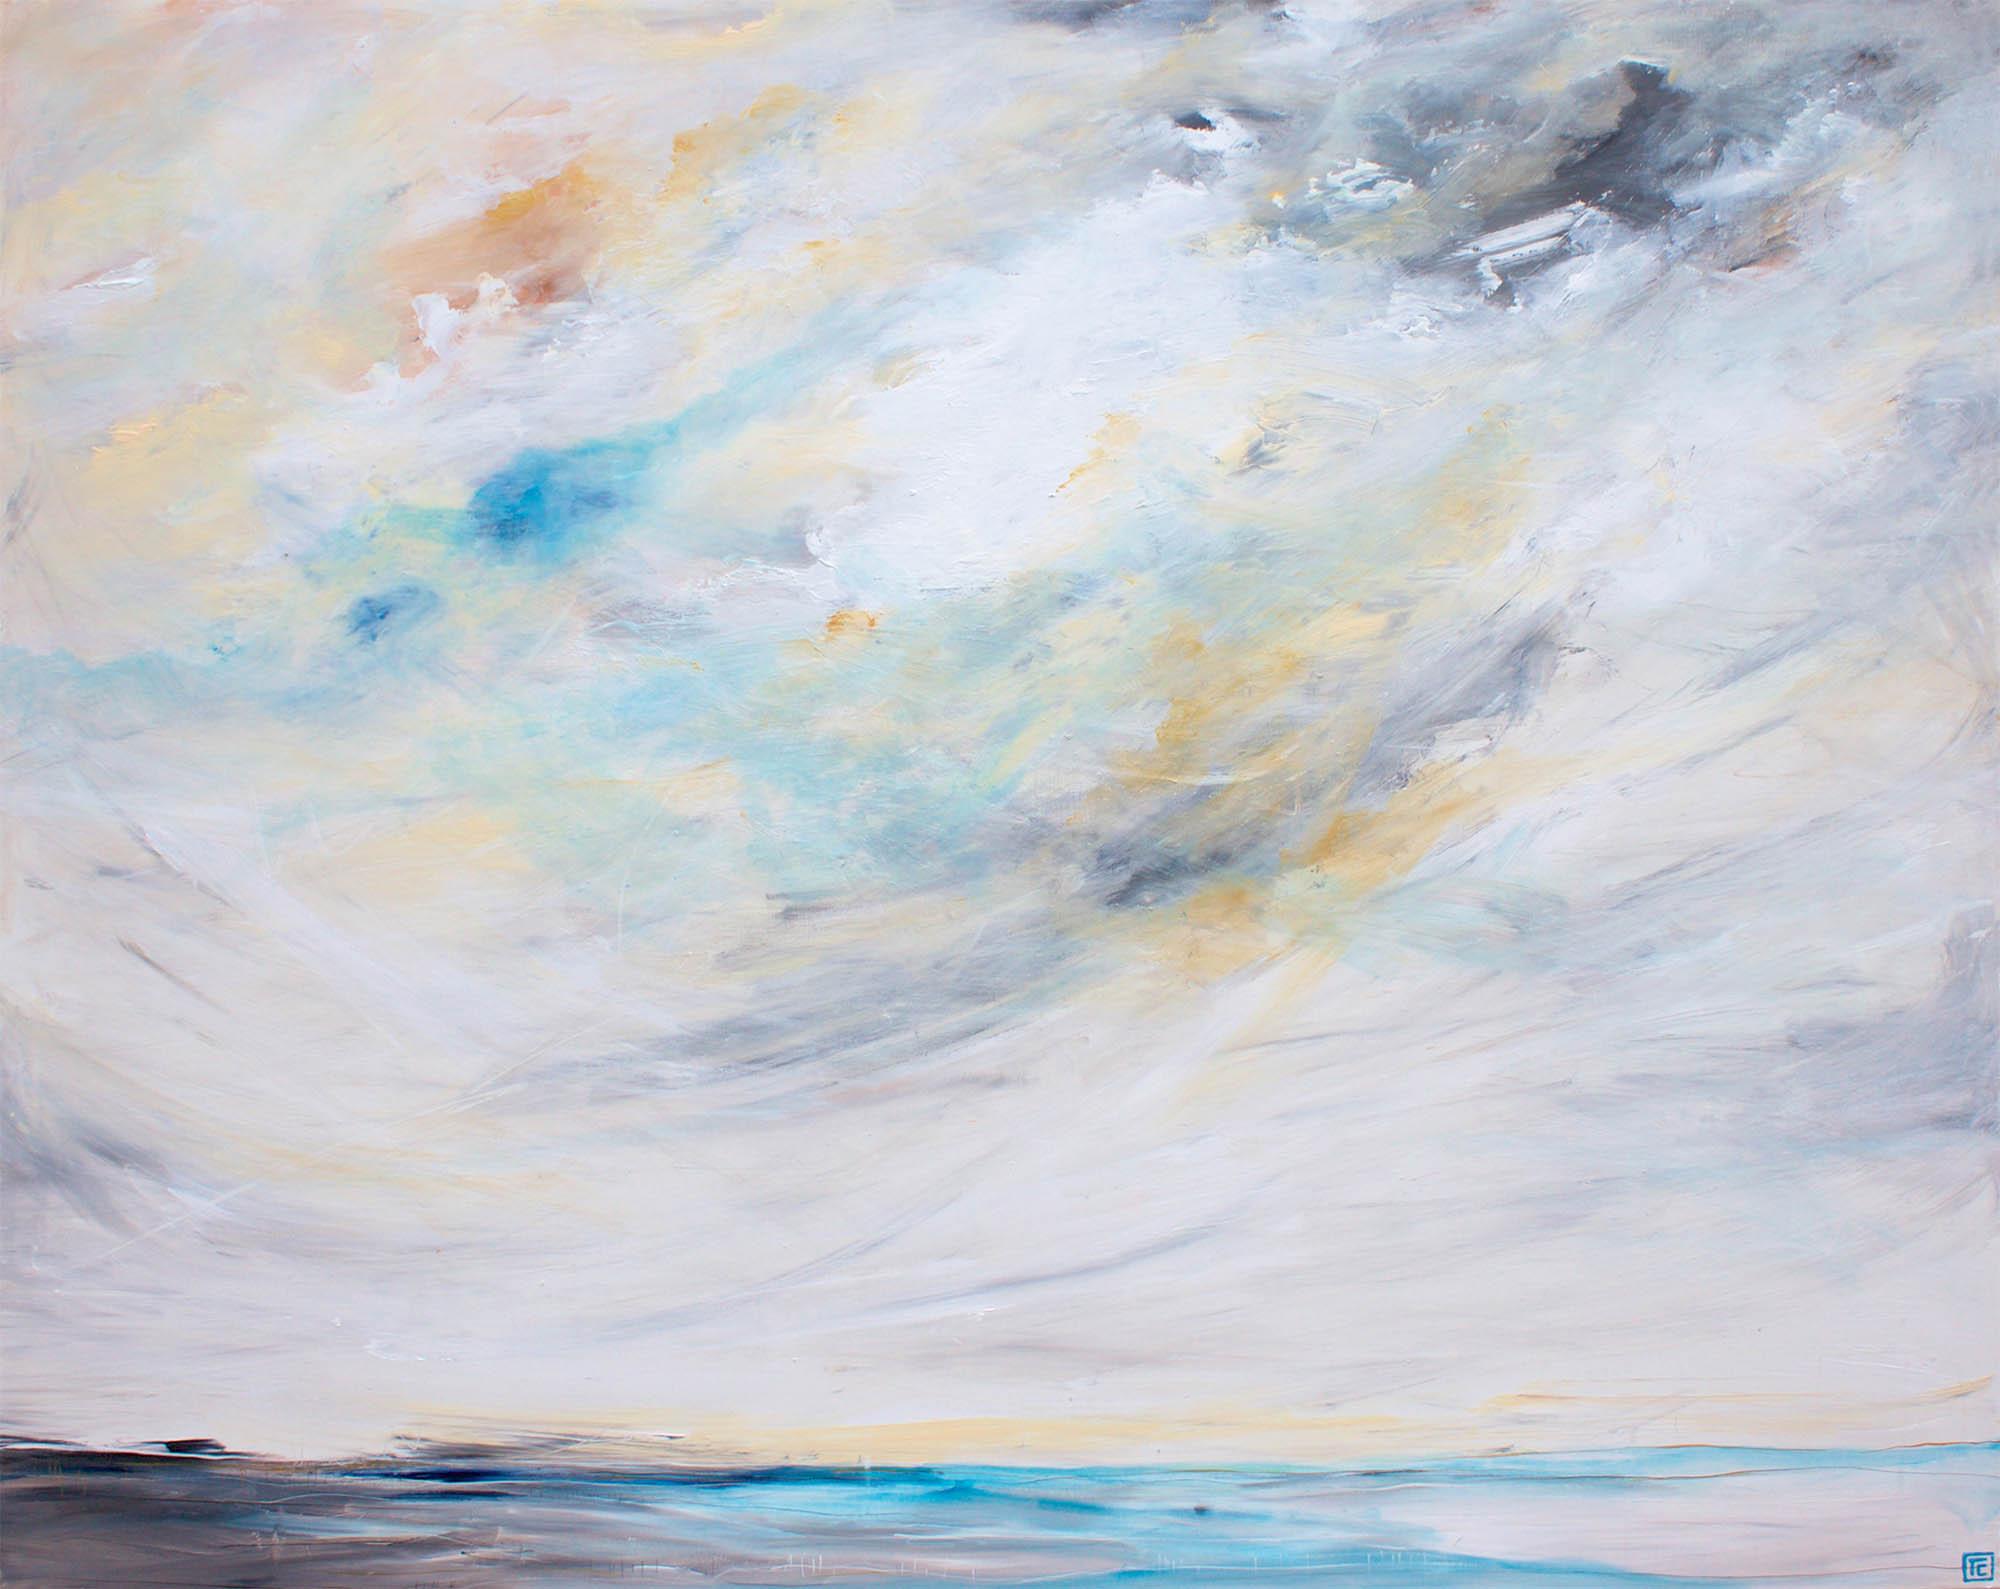 Tani Chanter New Painting Web